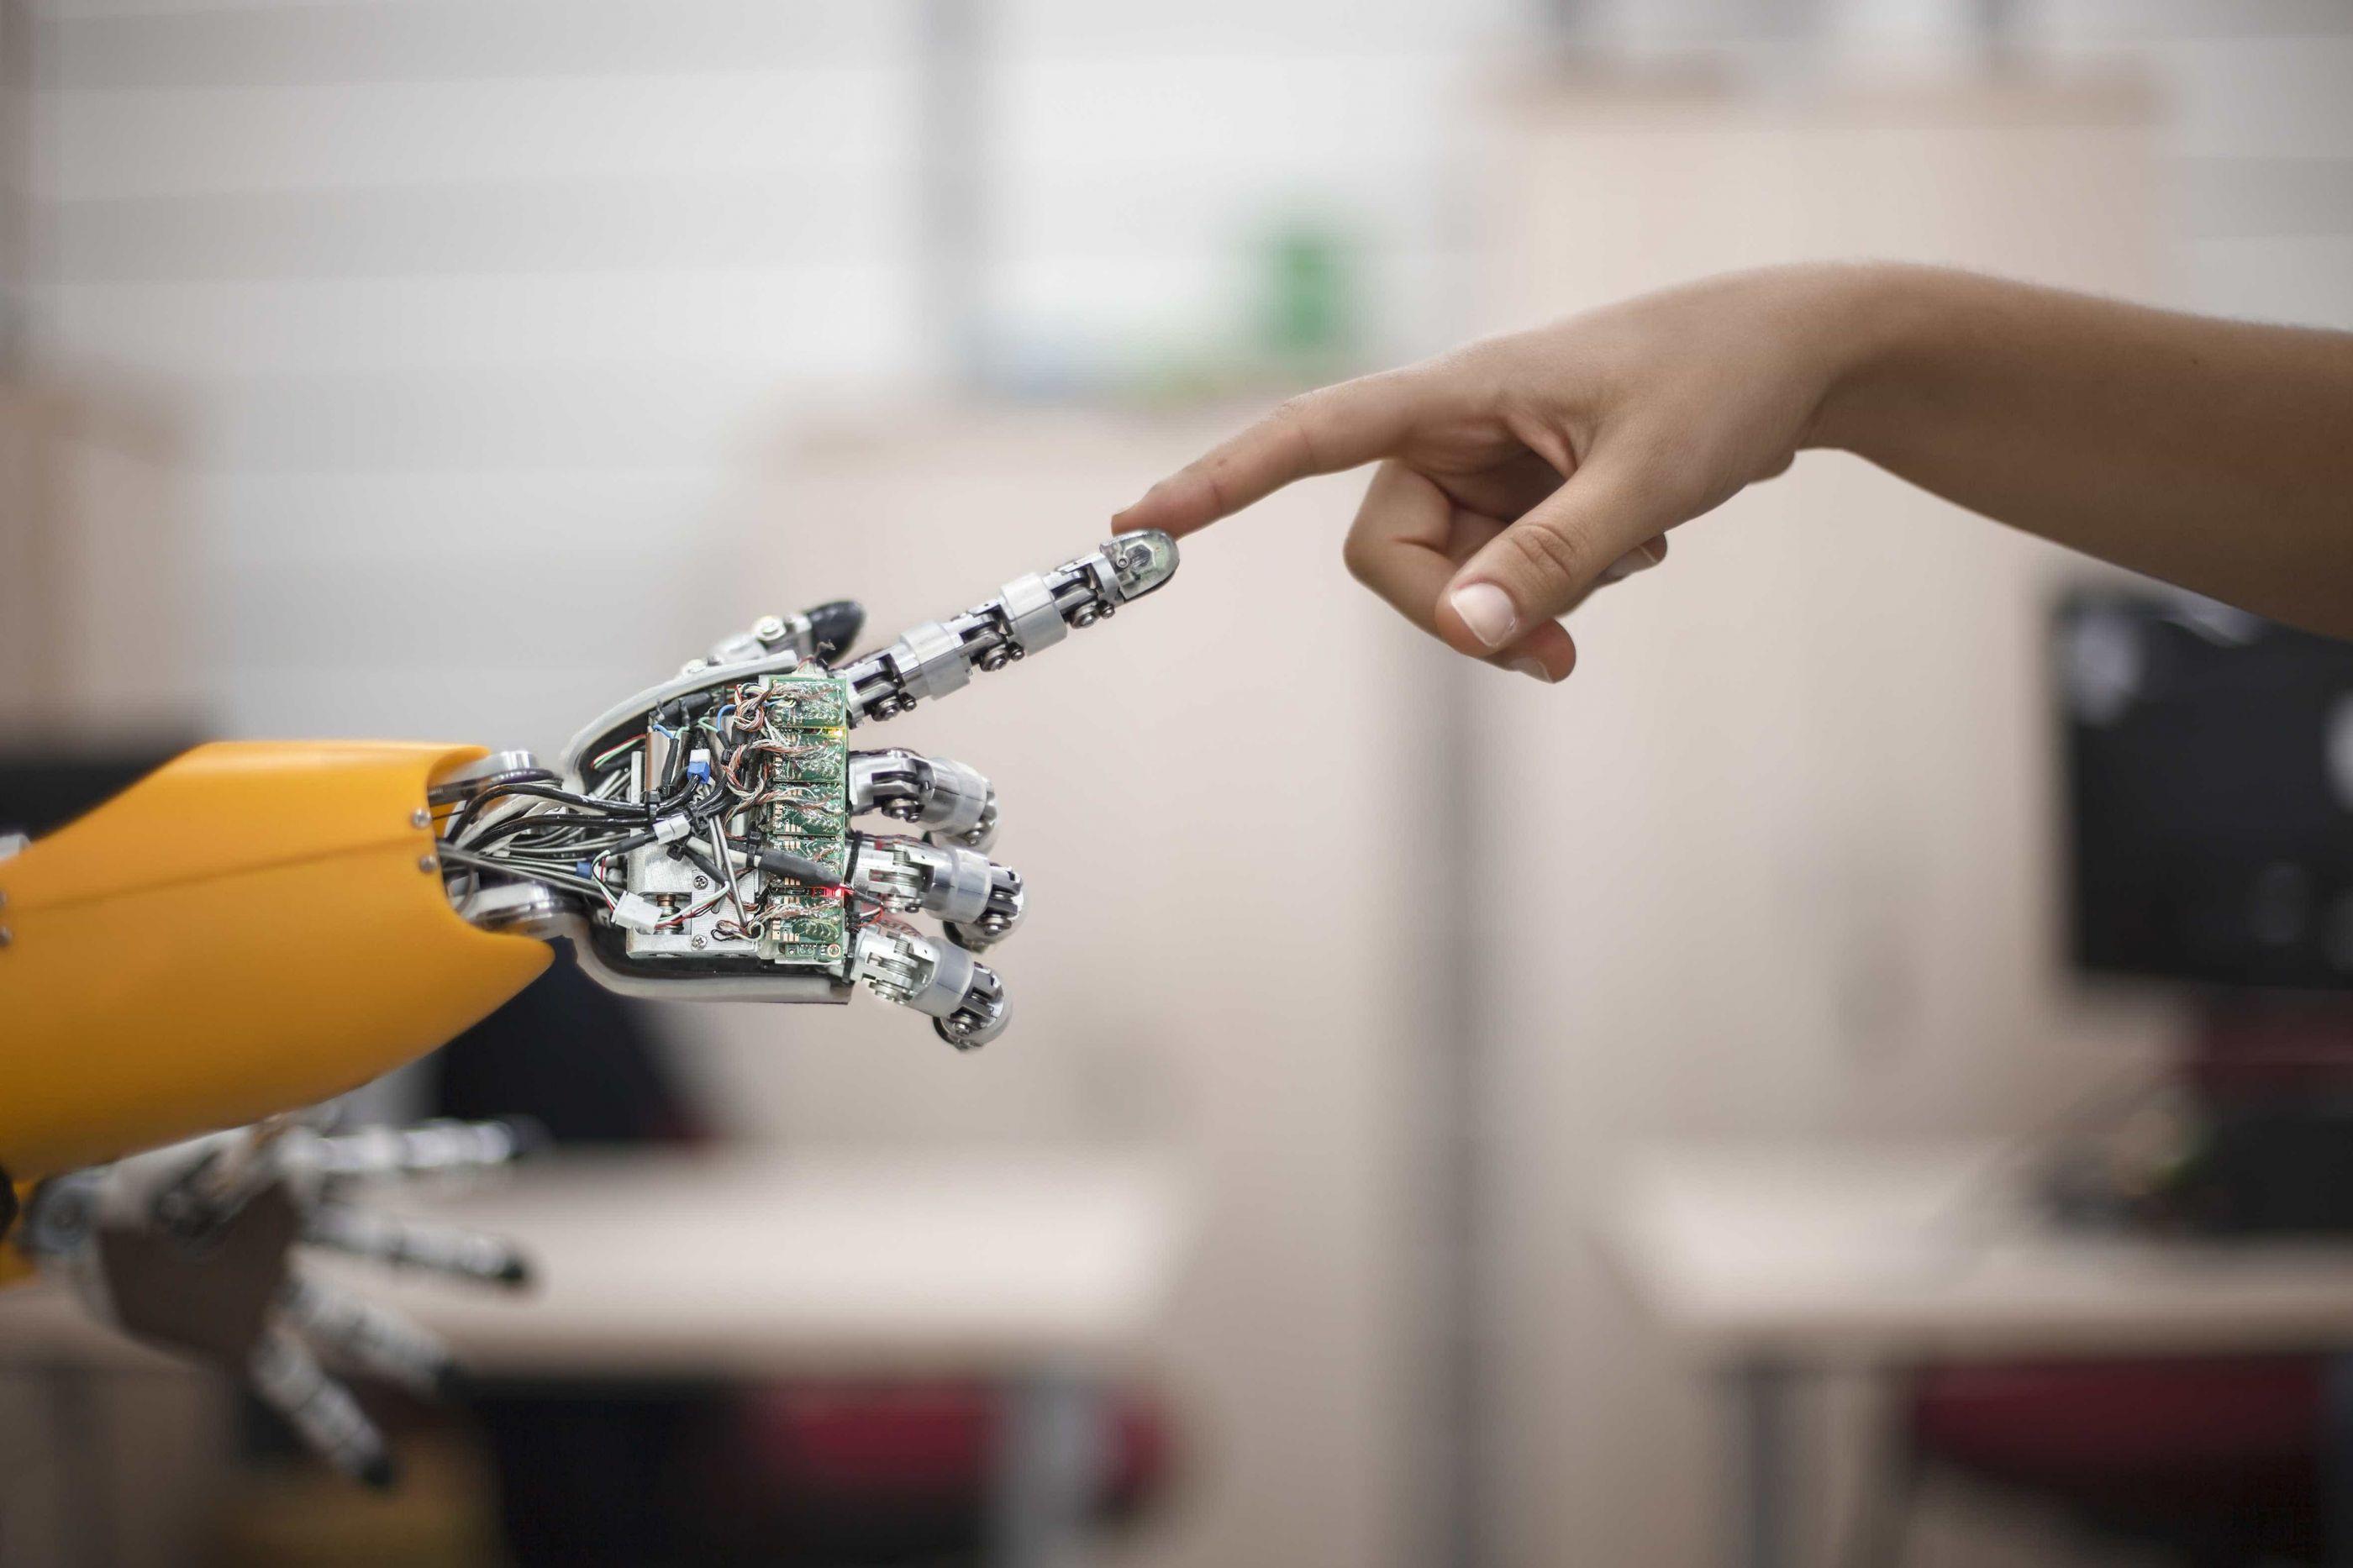 Japão quer robôs em salas de aula para ensinar inglês